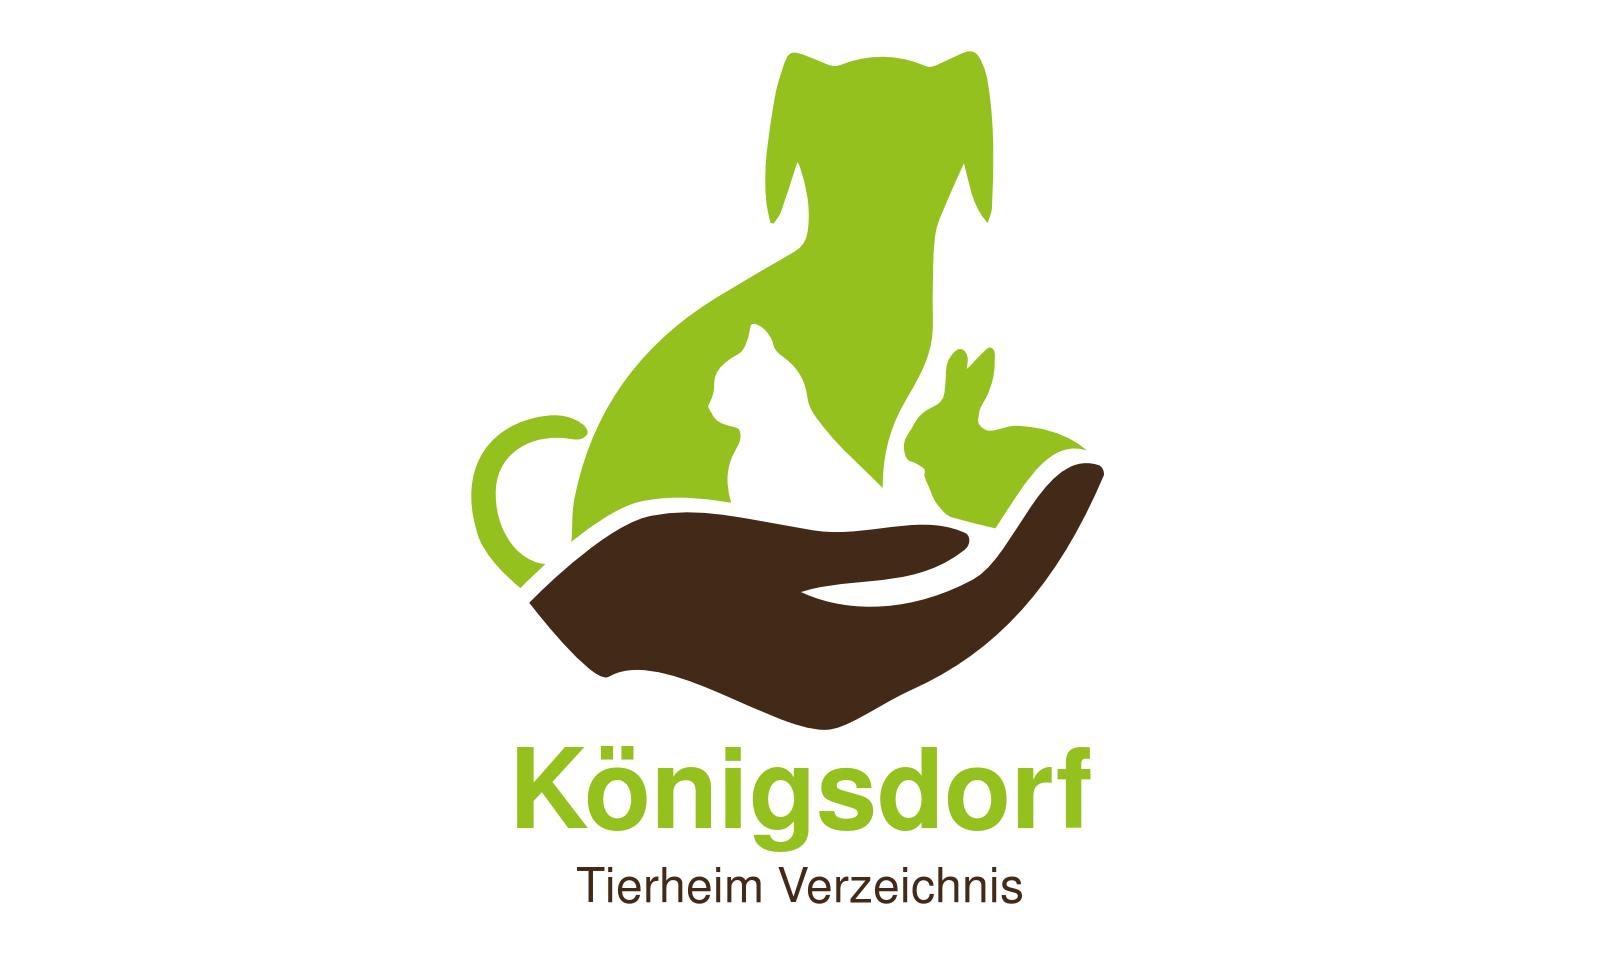 Tierheim Königsdorf